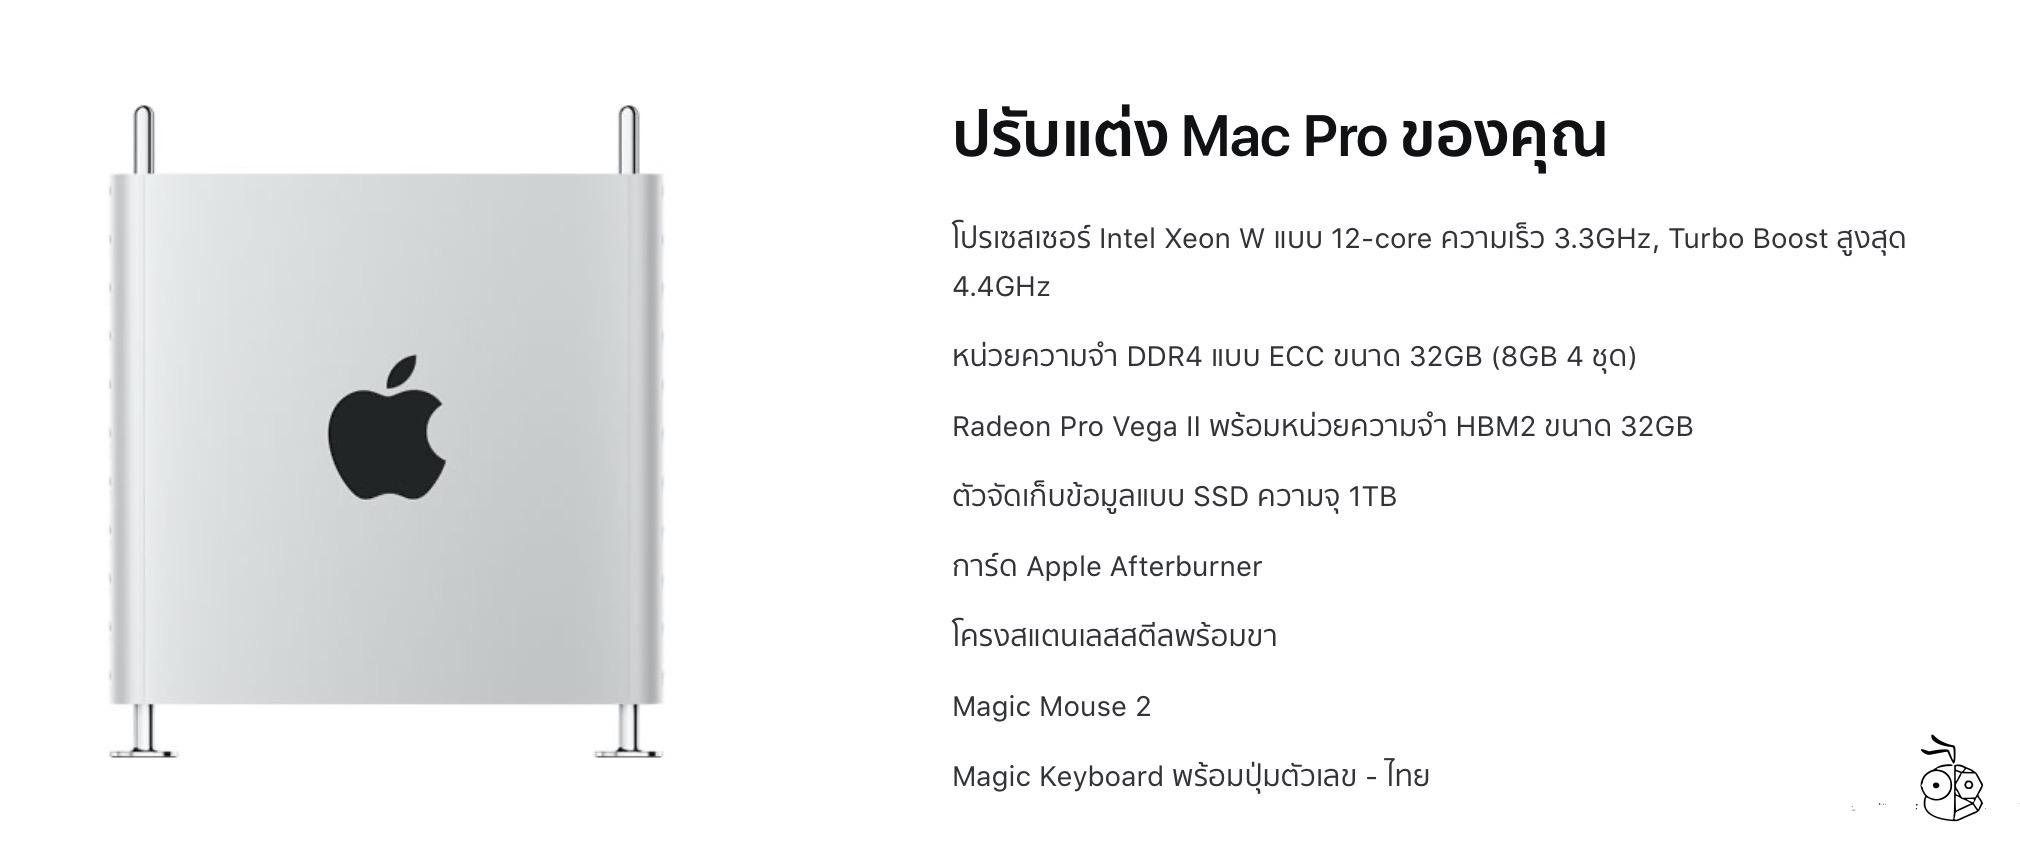 Mac Pro Imod